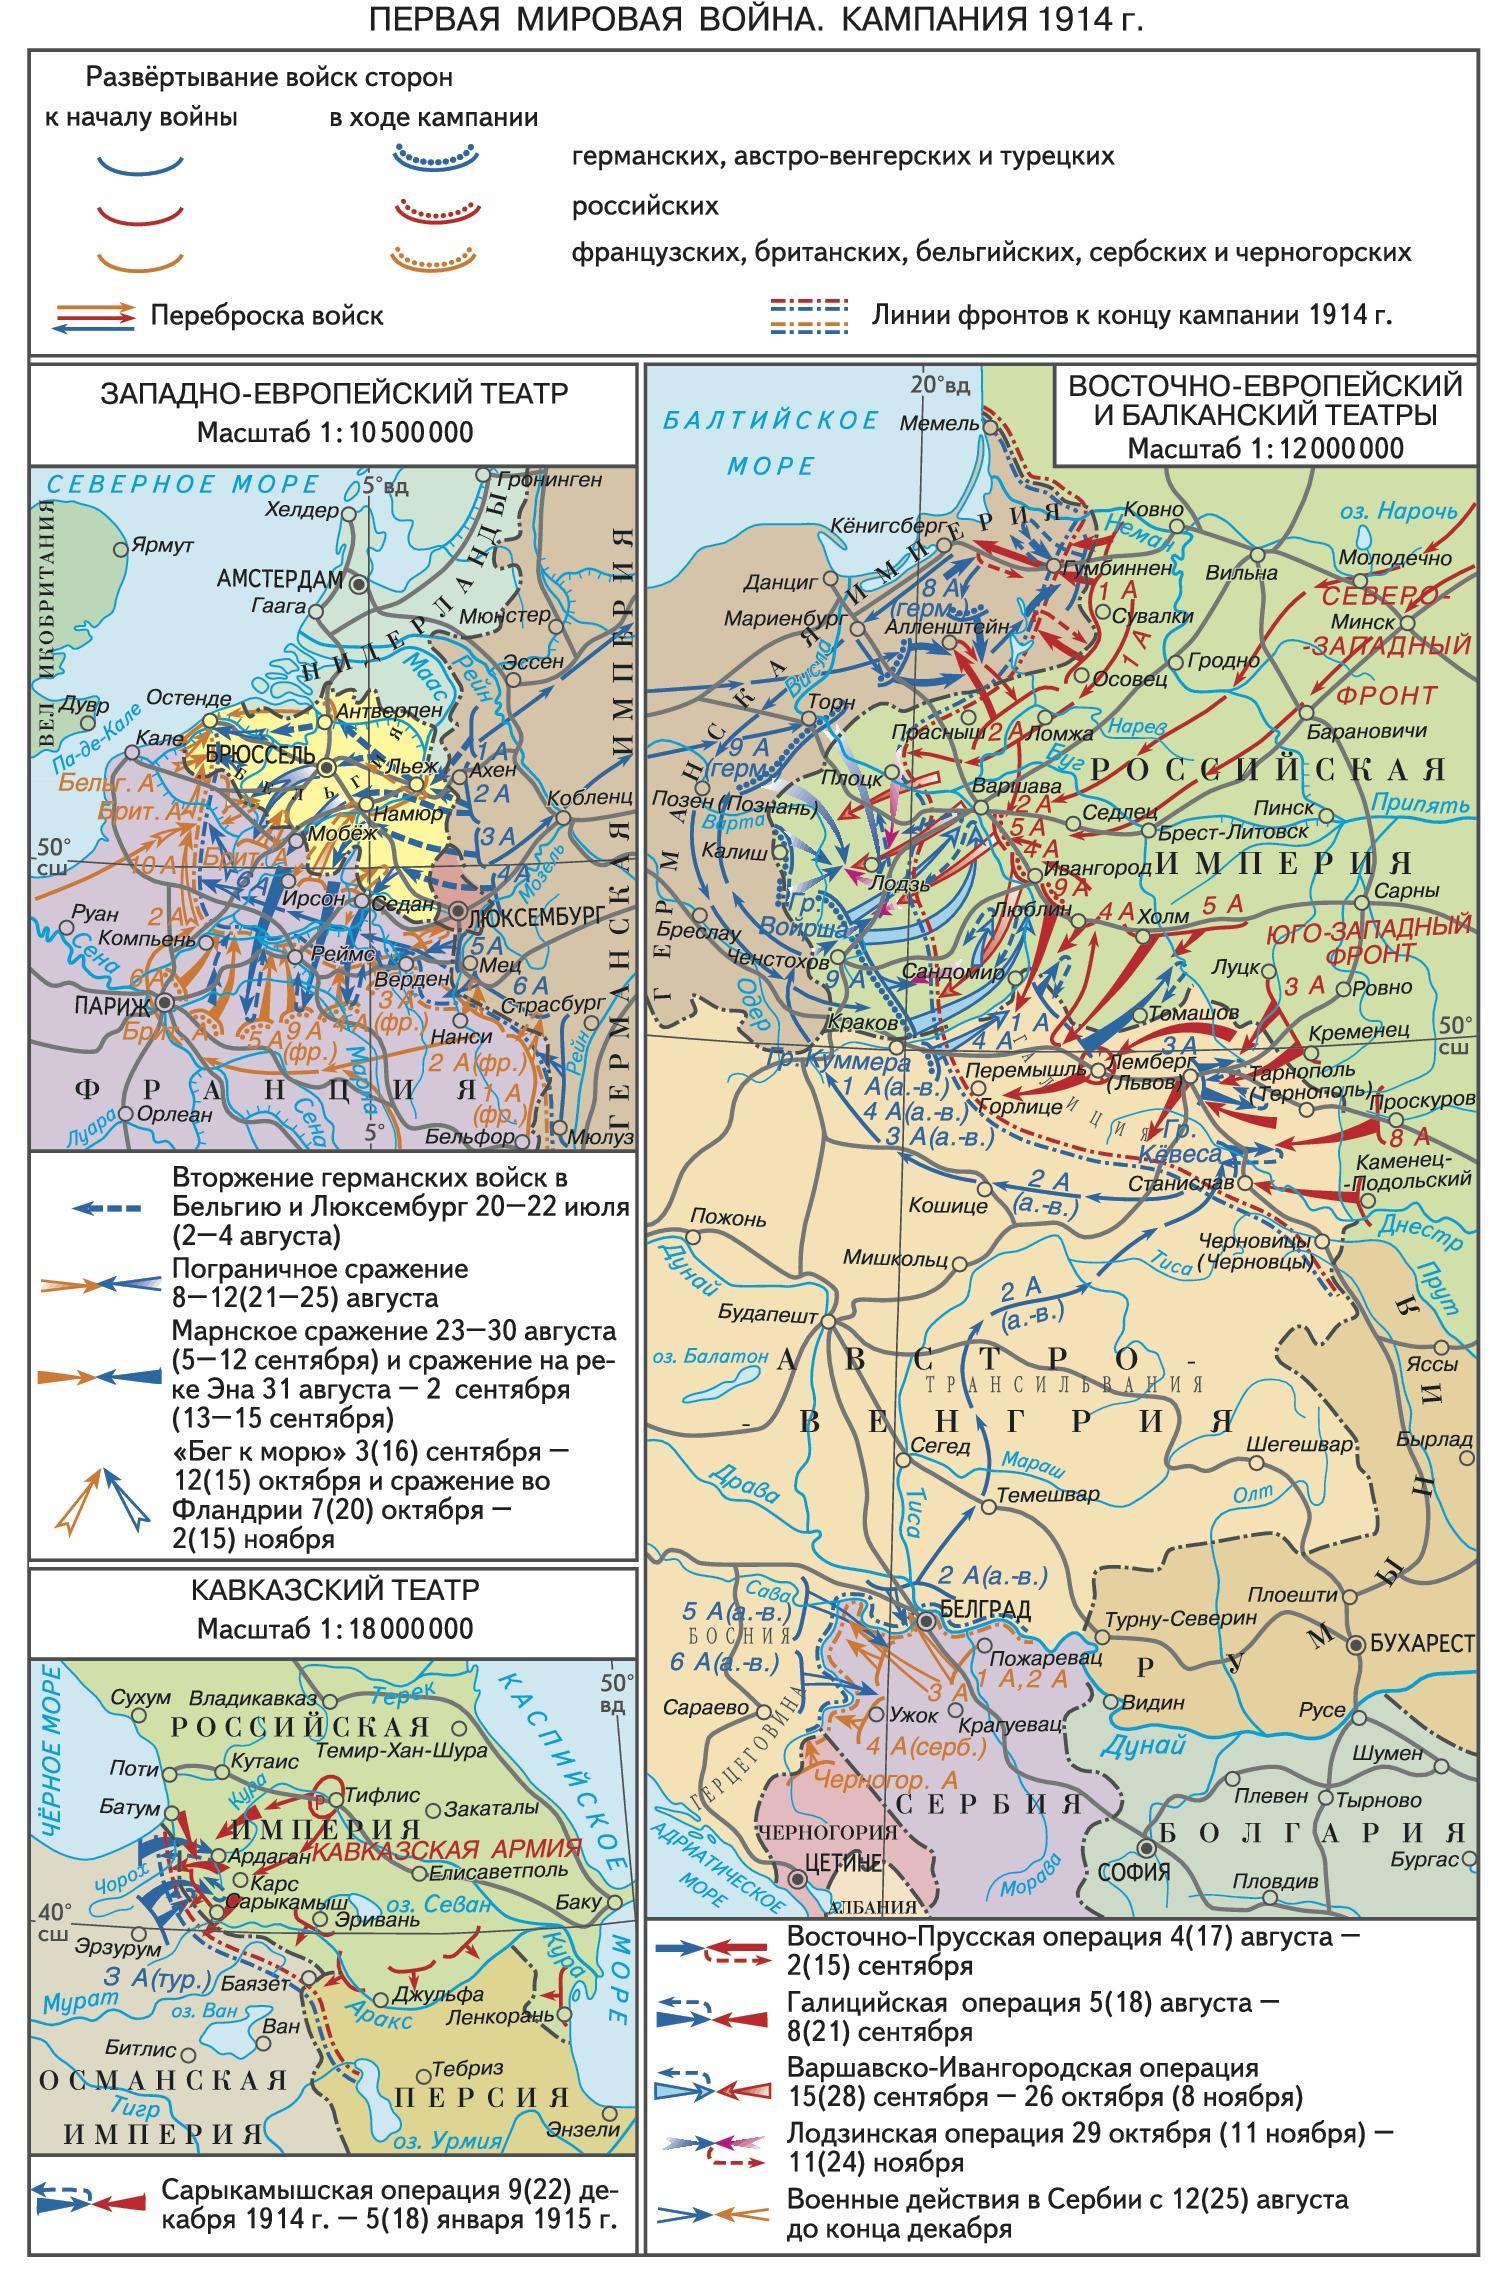 революция в германии кратко